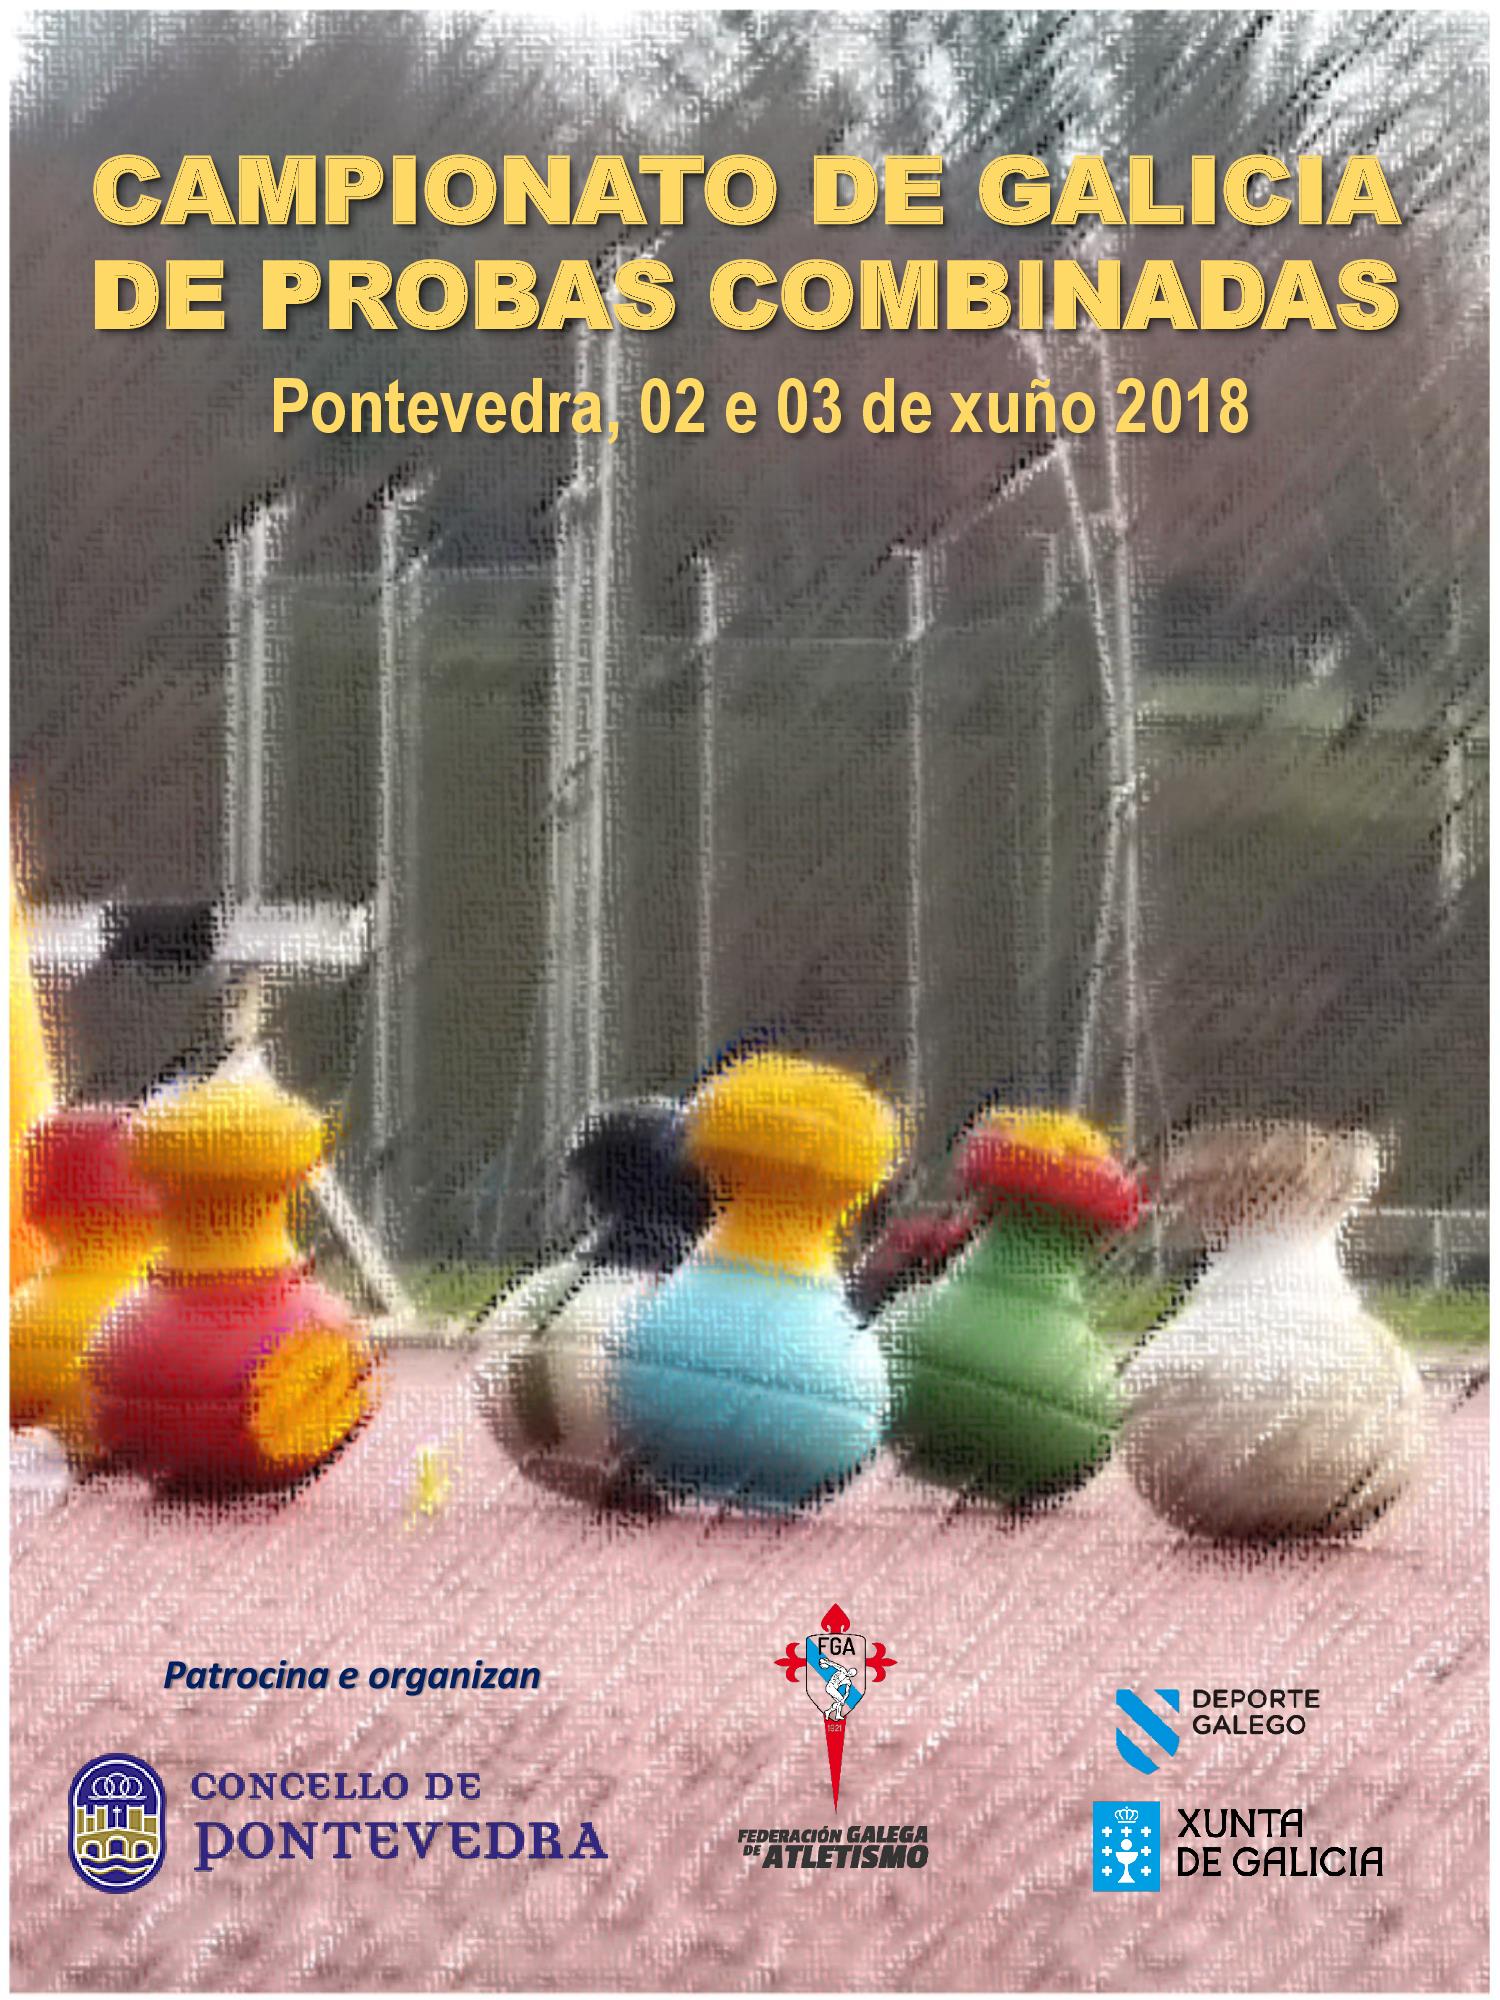 Campionato de Galicia de Combinadas 2017/2018